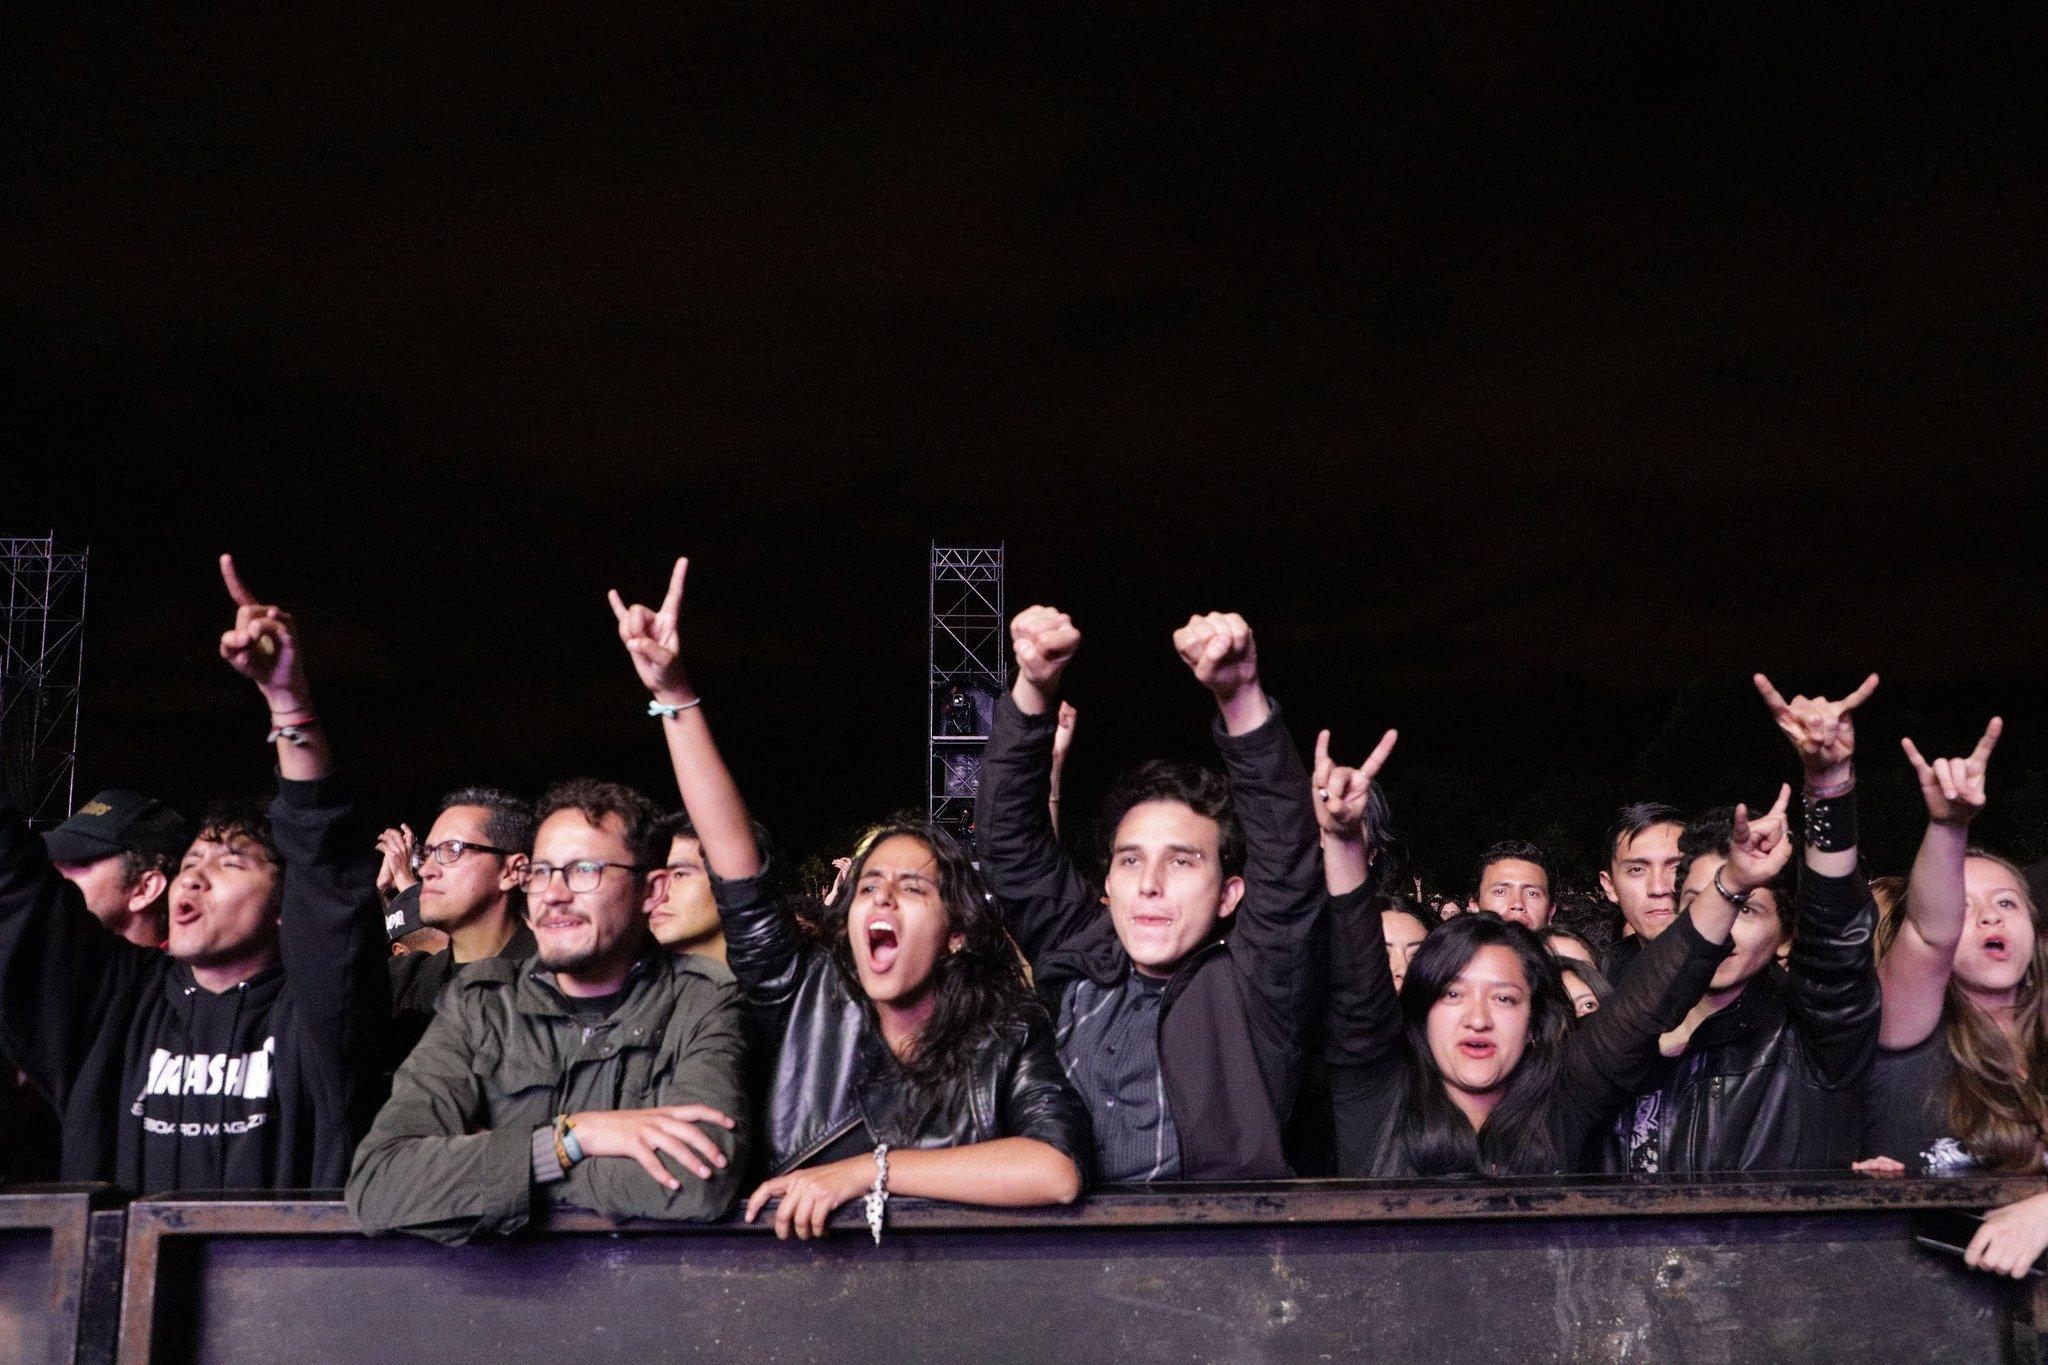 ROCK AND ROLL EN COLOMBIA: EL IMPACTO DE UNA GENERACIÓN EN LA TRANSFORMACIÓN CULTURAL DEL PAÍS EN EL SIGLO XX - art1